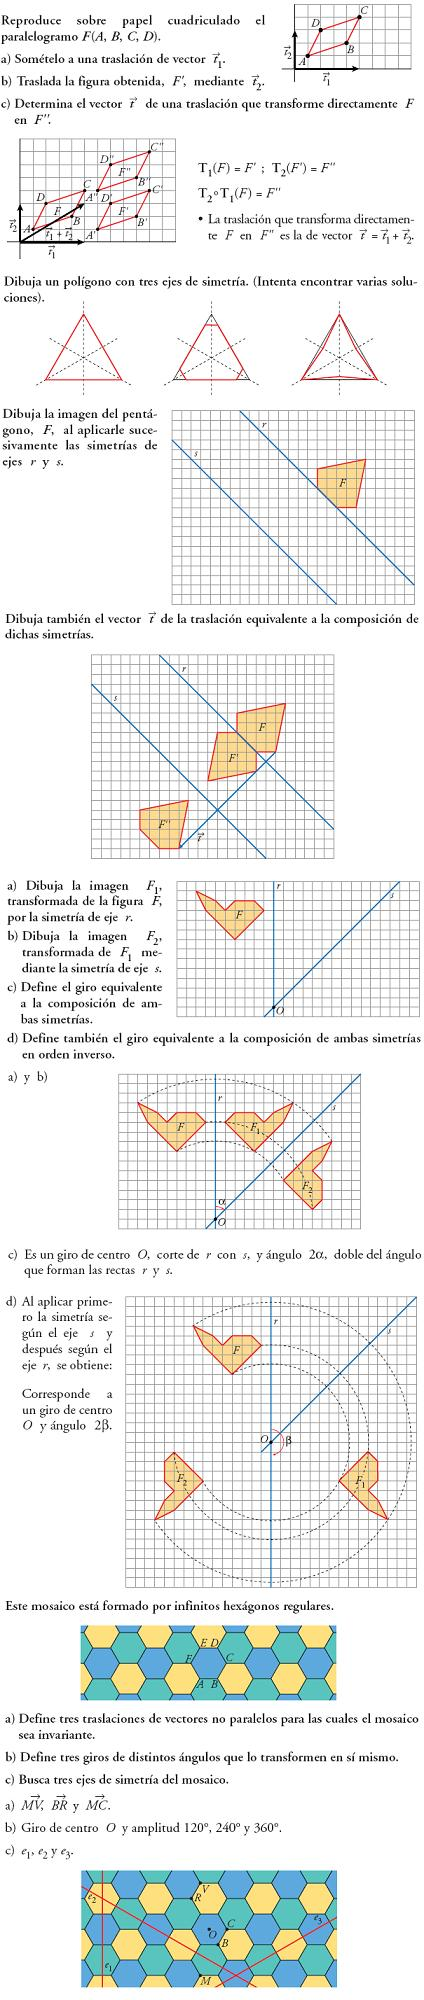 Matemáticas. Practica transformaciones geométricas. Problemas resueltos.